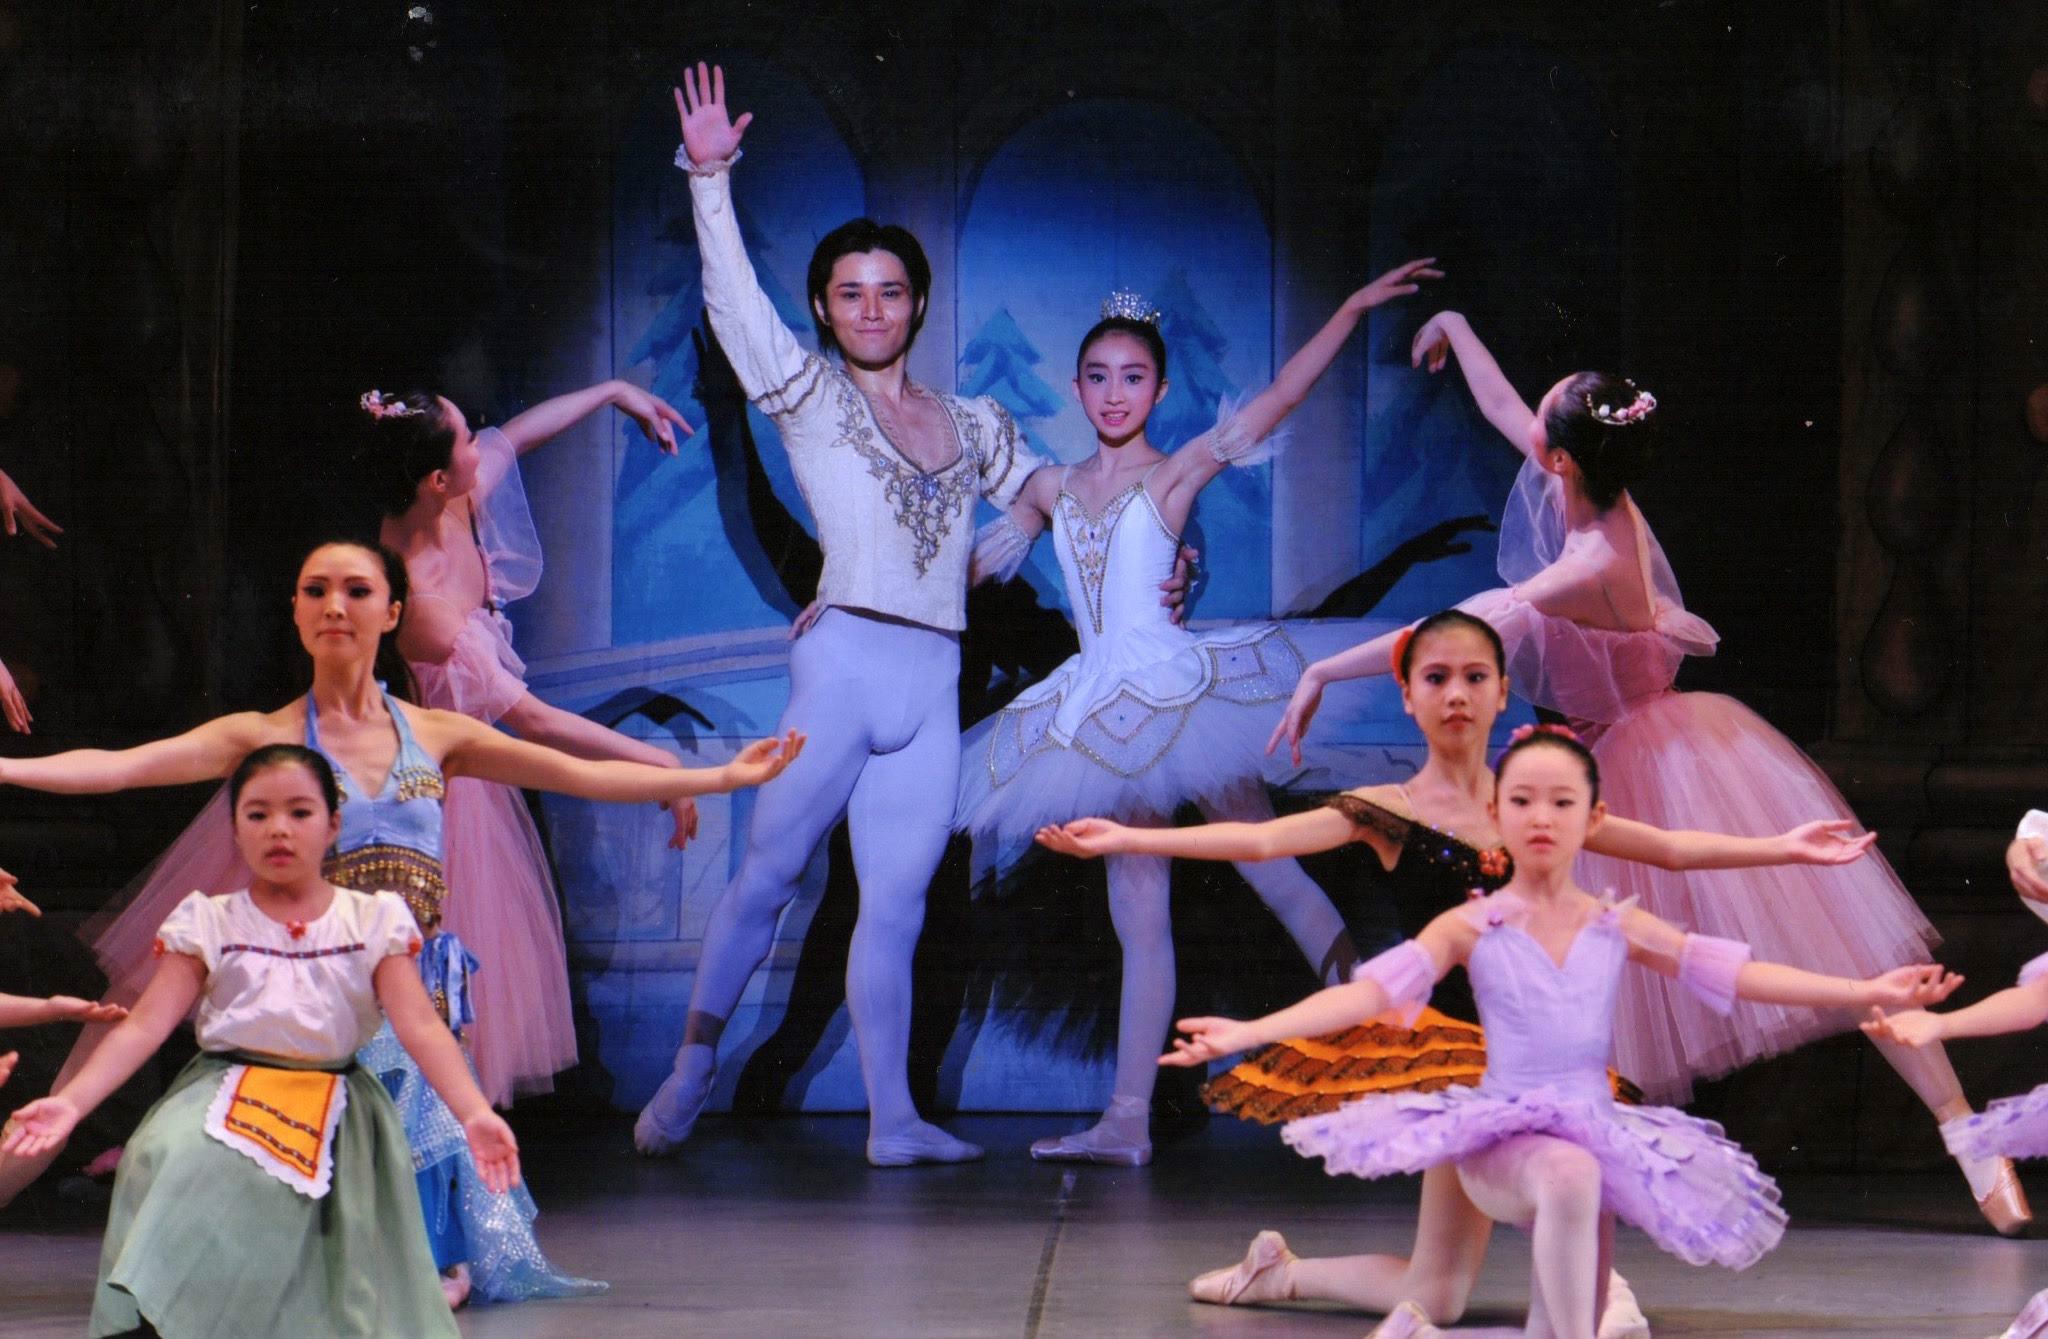 バレエソレイユのバレエ発表会の写真です。